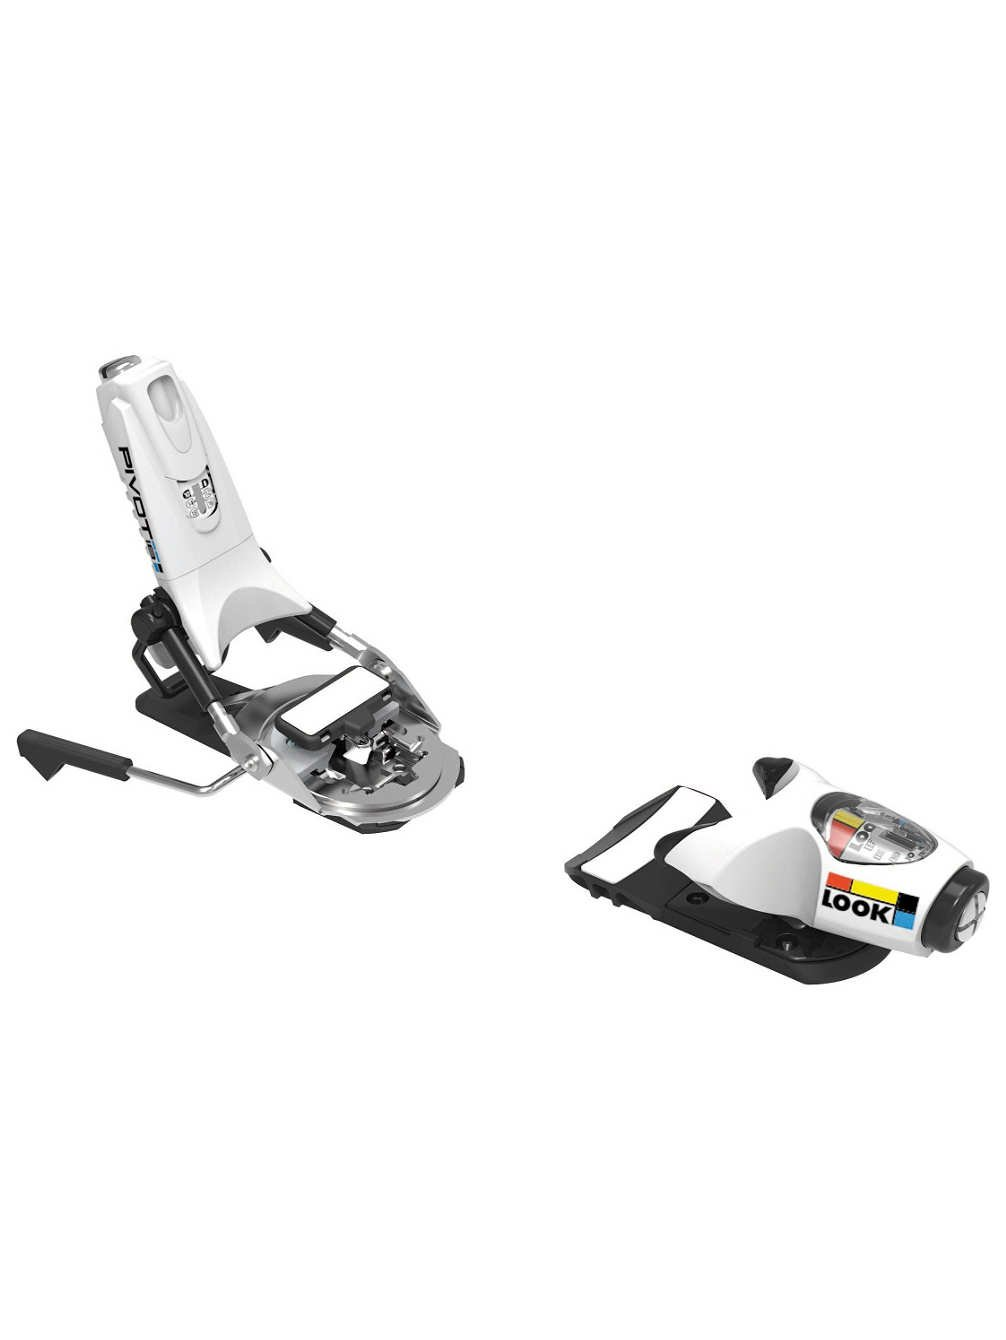 Look Pivot 18 Ski Binding White, 130mm by Look Bindings